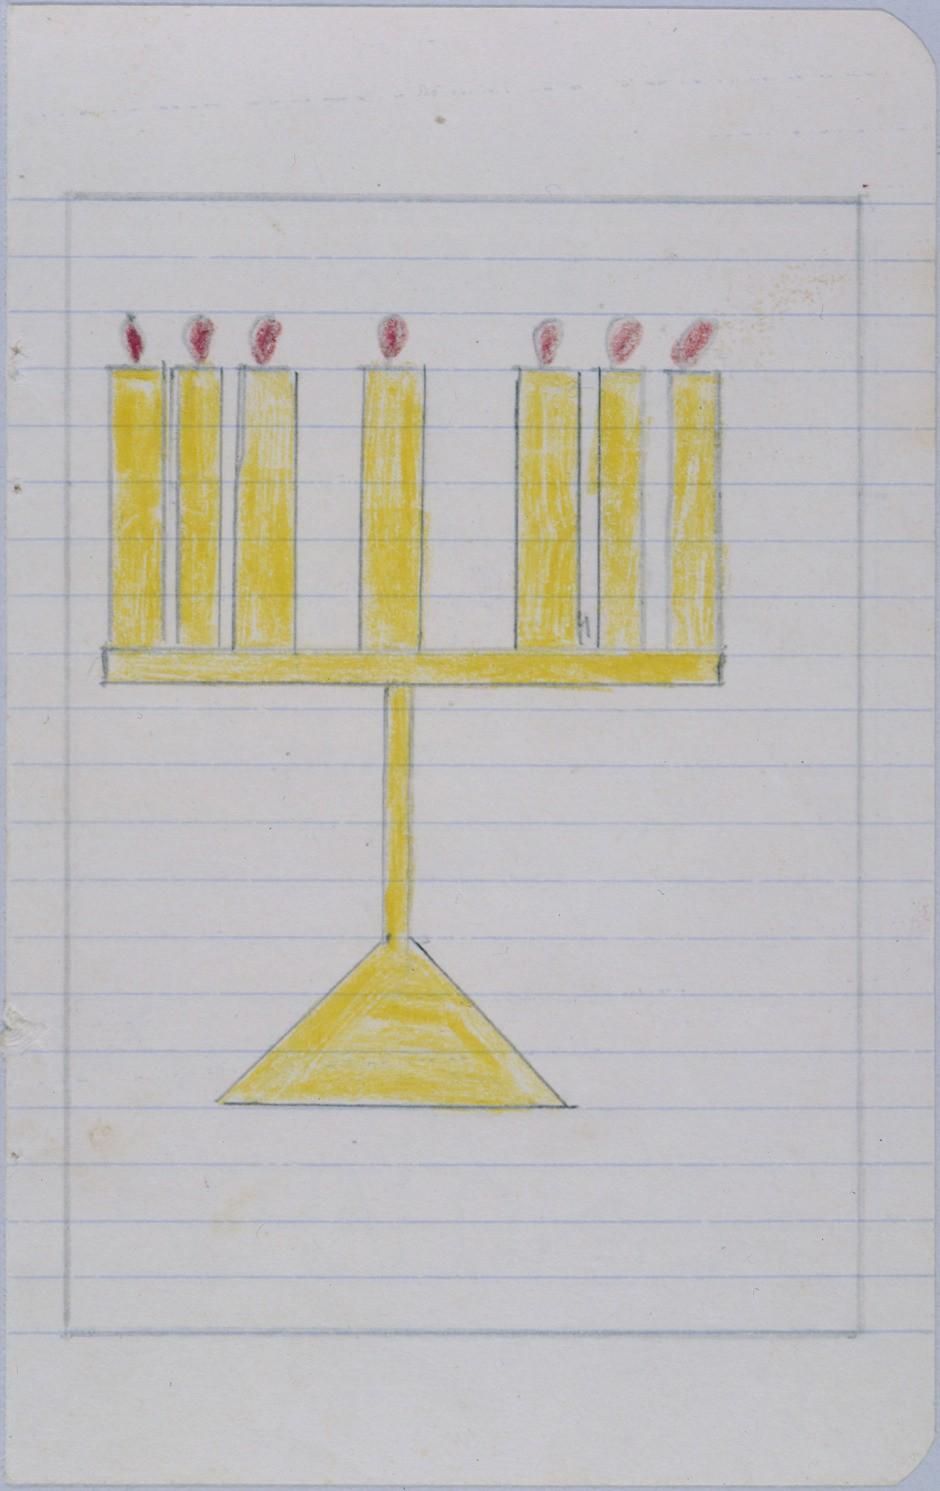 Rosh Hashanah card [LCID: 2002d6jx]